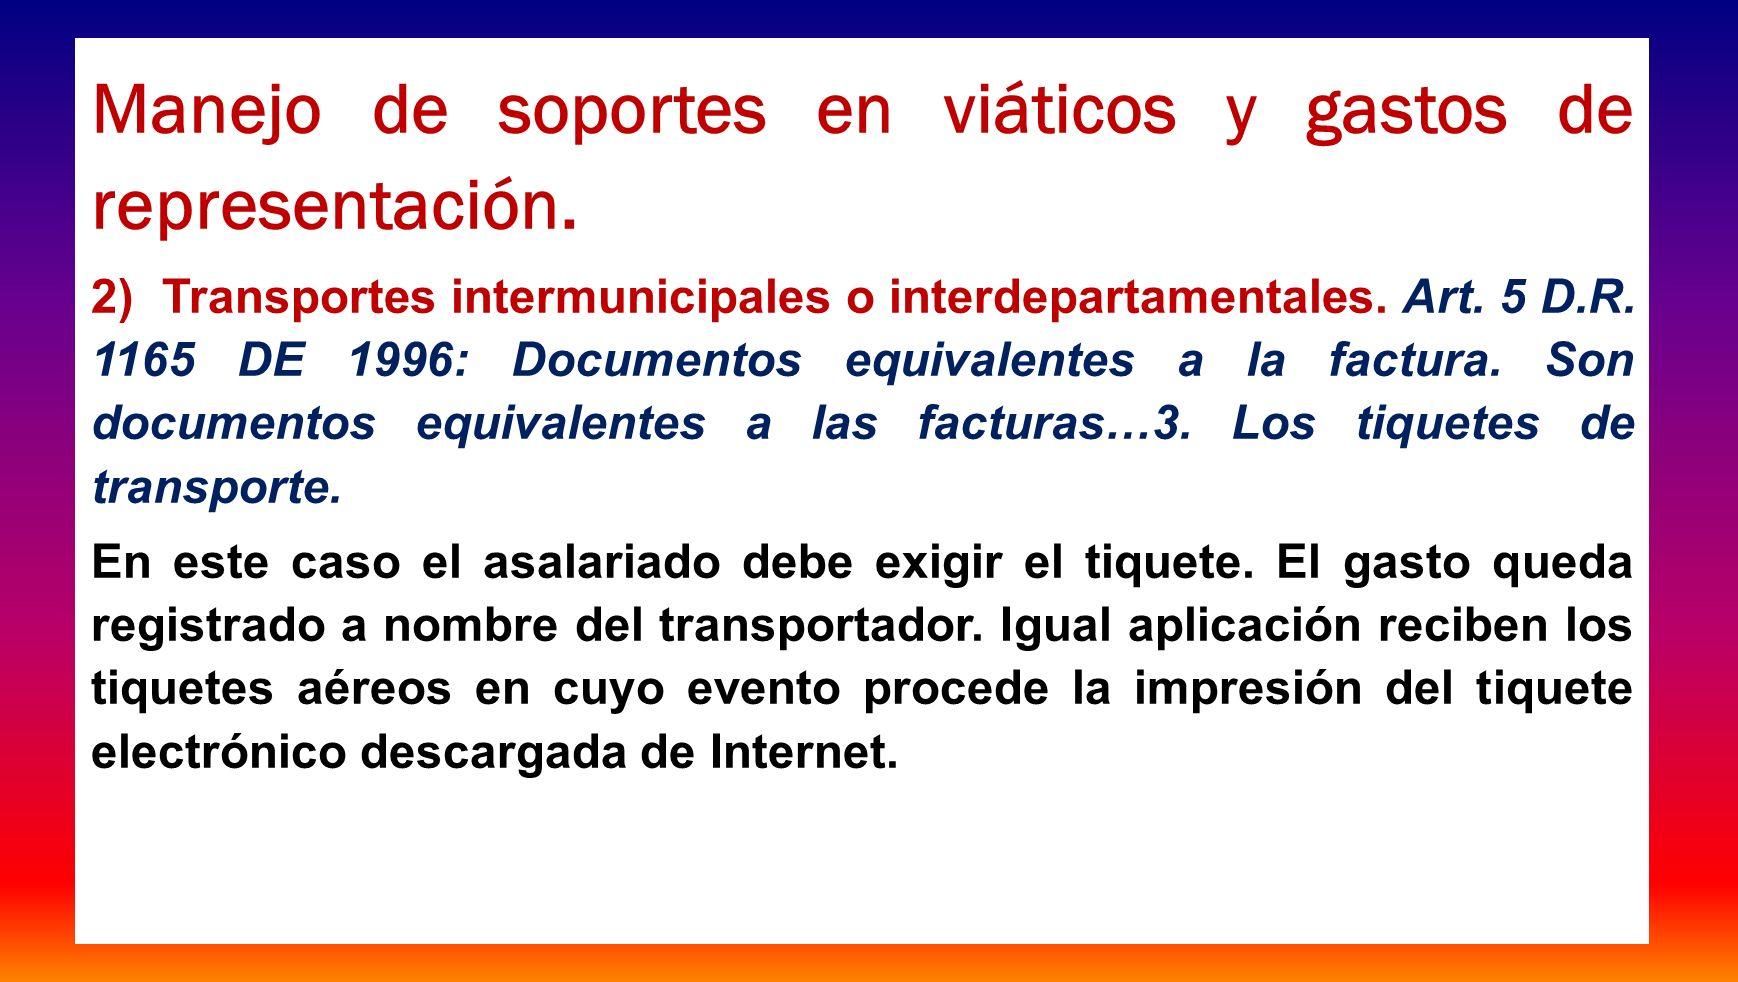 Manejo de soportes en viáticos y gastos de representación. 2) Transportes intermunicipales o interdepartamentales. Art. 5 D.R. 1165 DE 1996: Documento